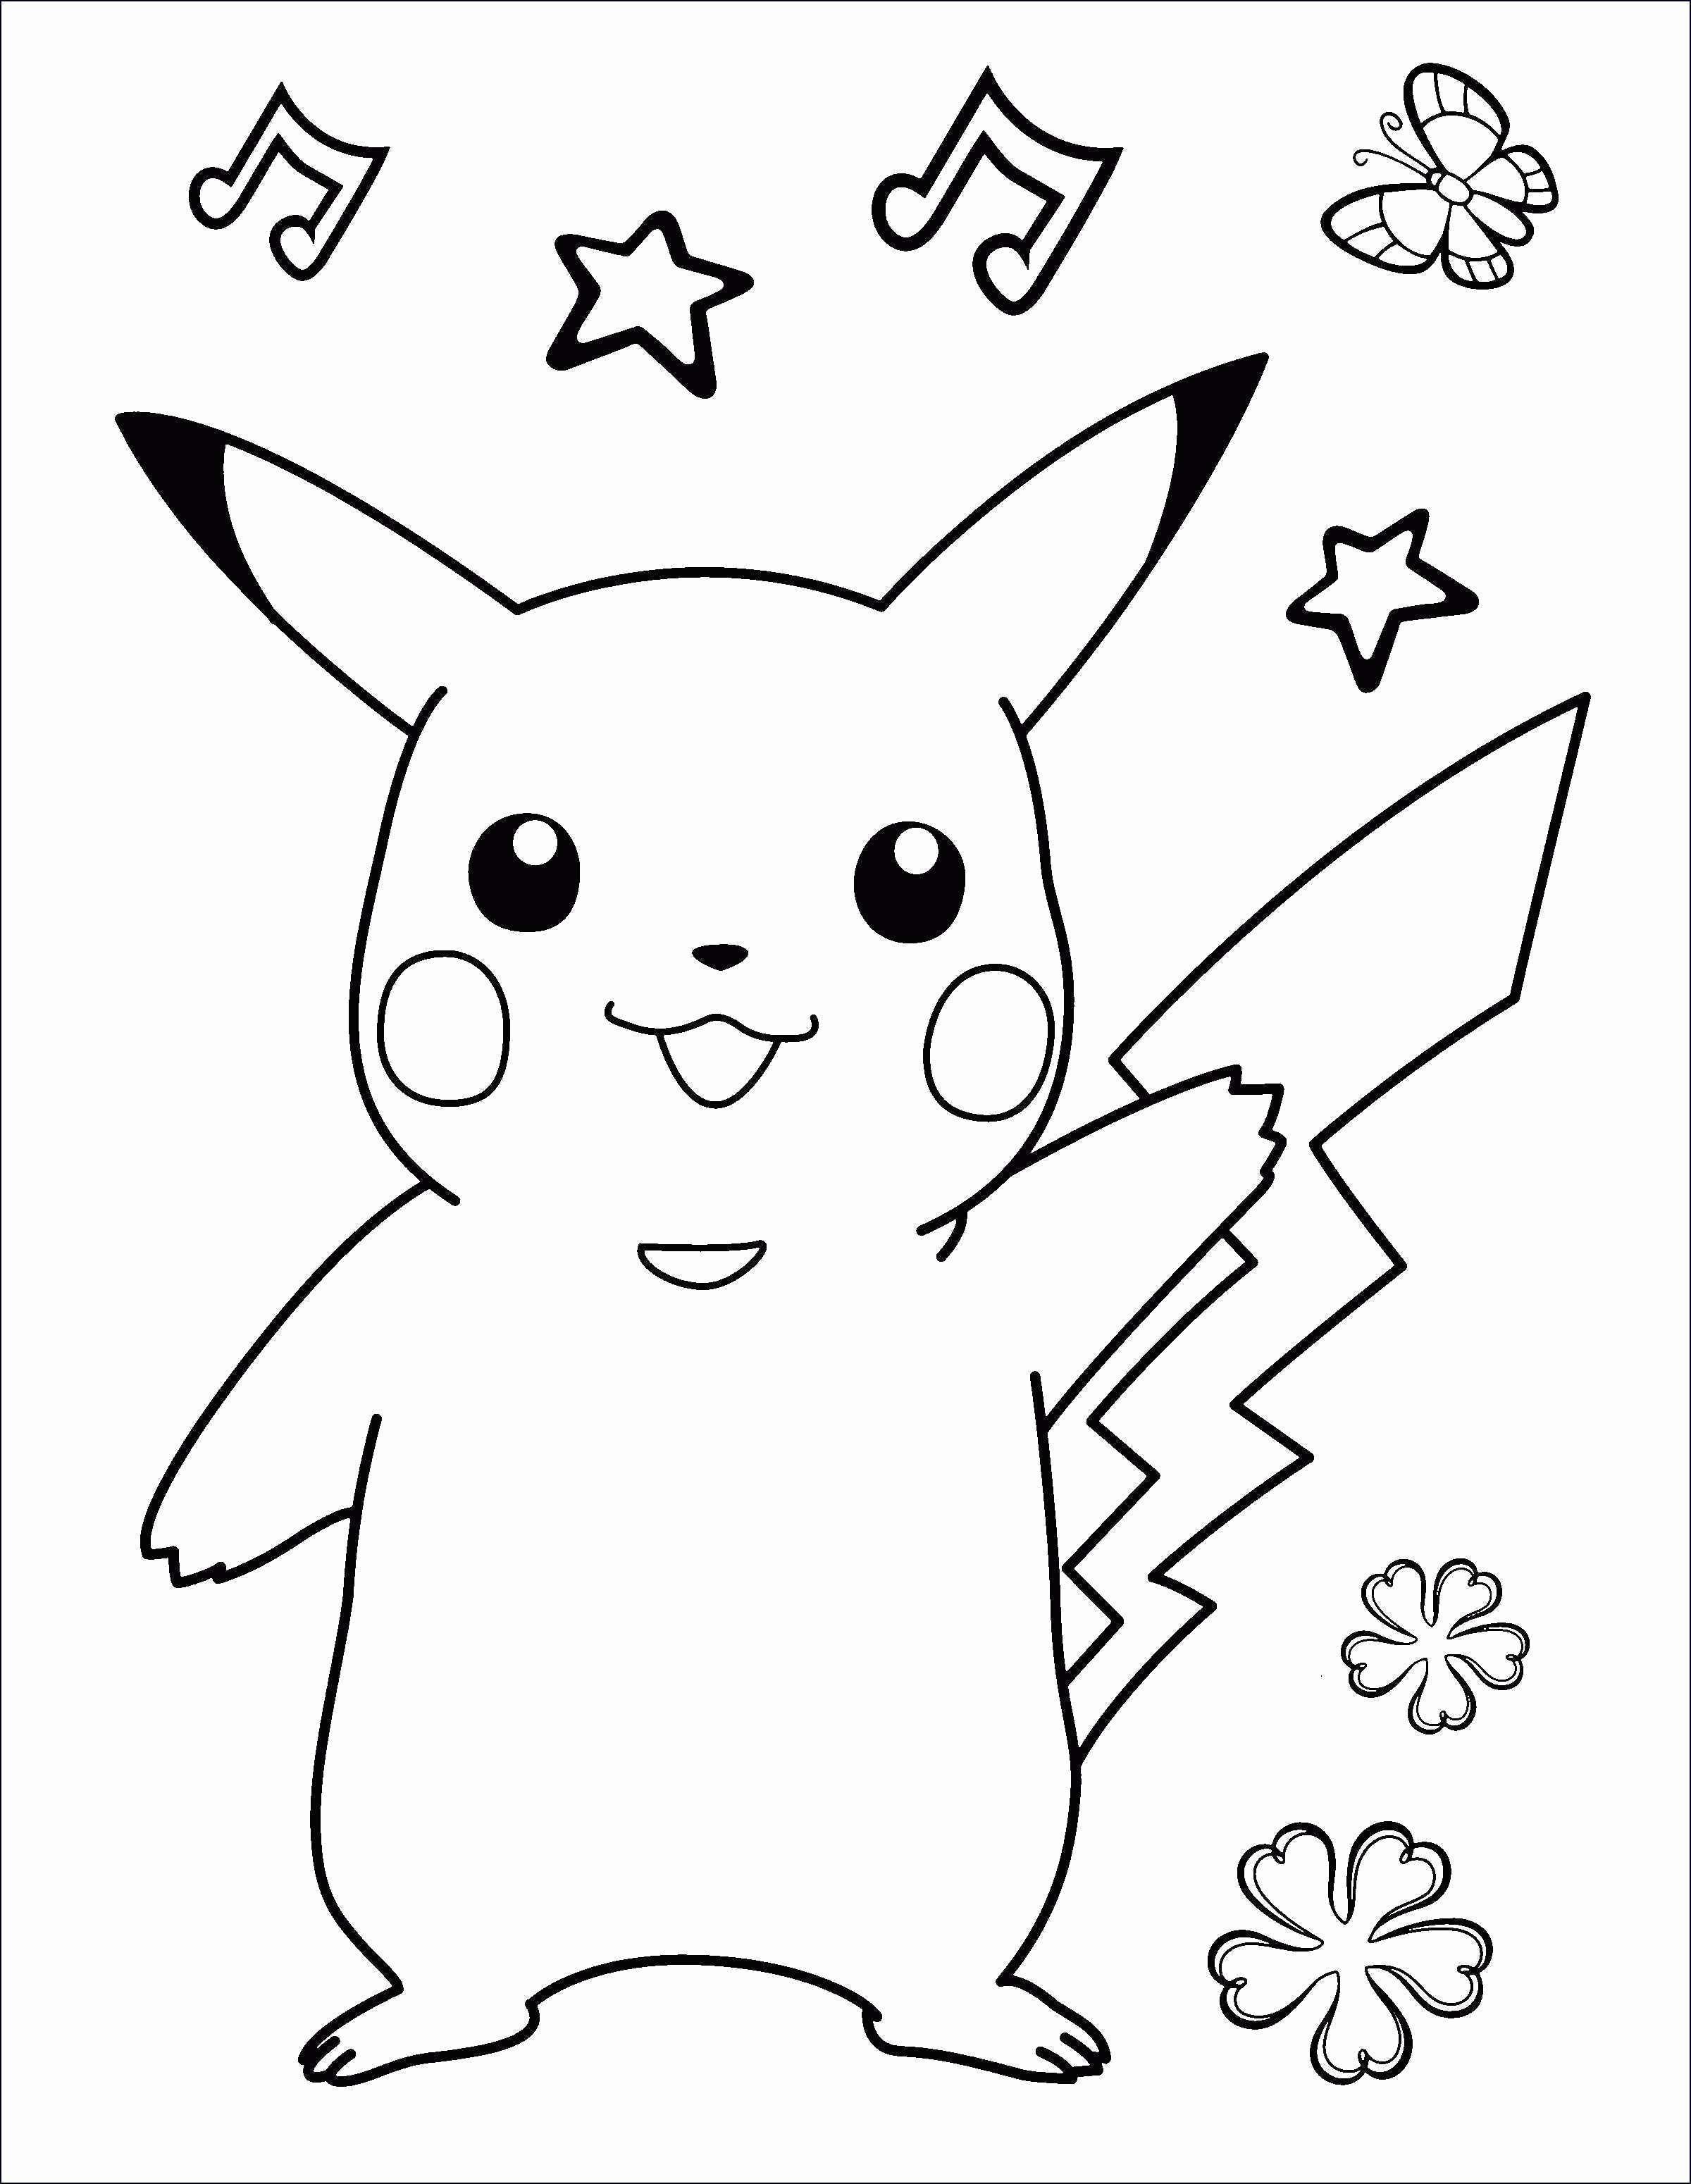 Ausmalbilder Pokemon Ausdrucken Genial Bilder Ausdrucken Basic Bilder Zum Ausdrucken Tragen Ideal Galerie